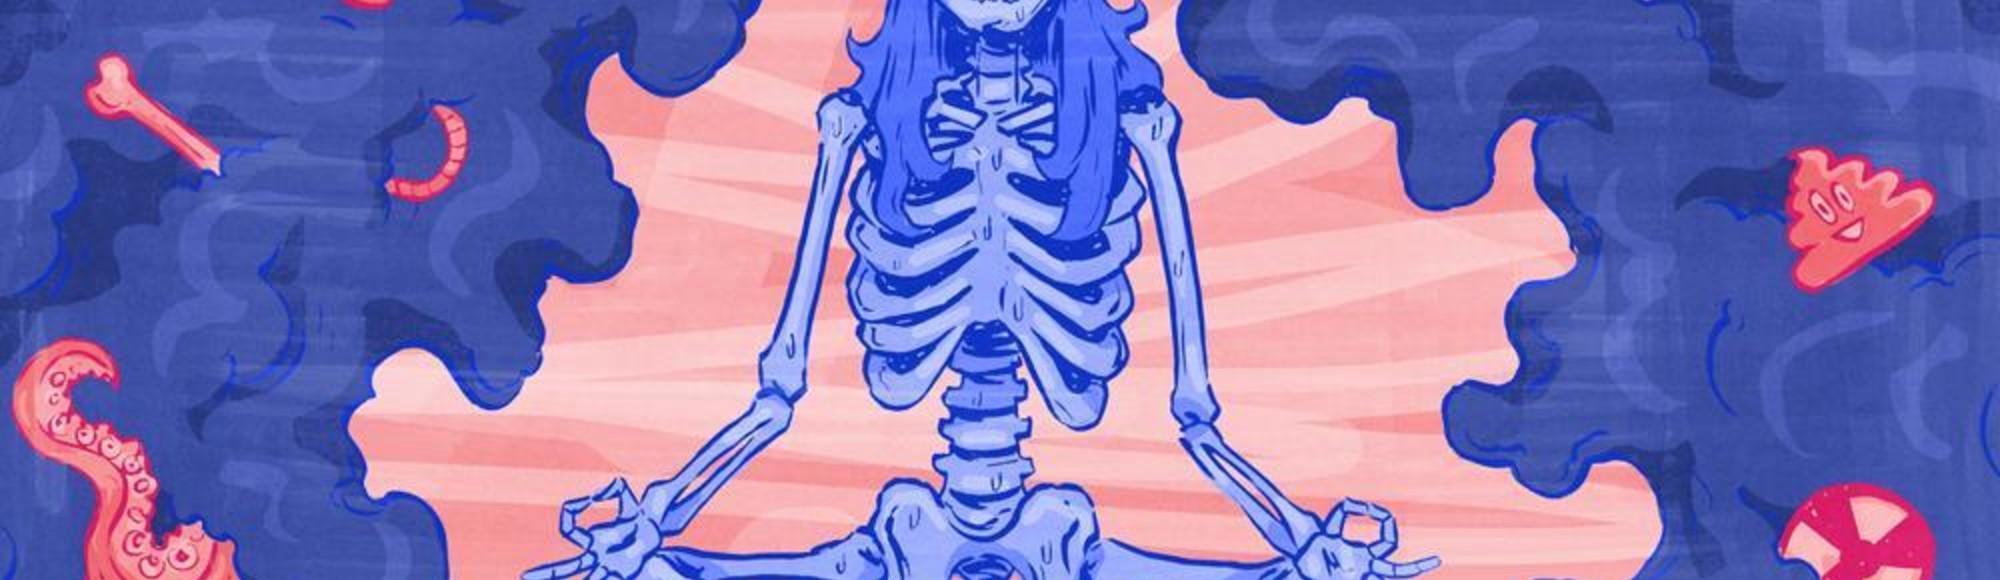 Медитация в случае низкой самооценки